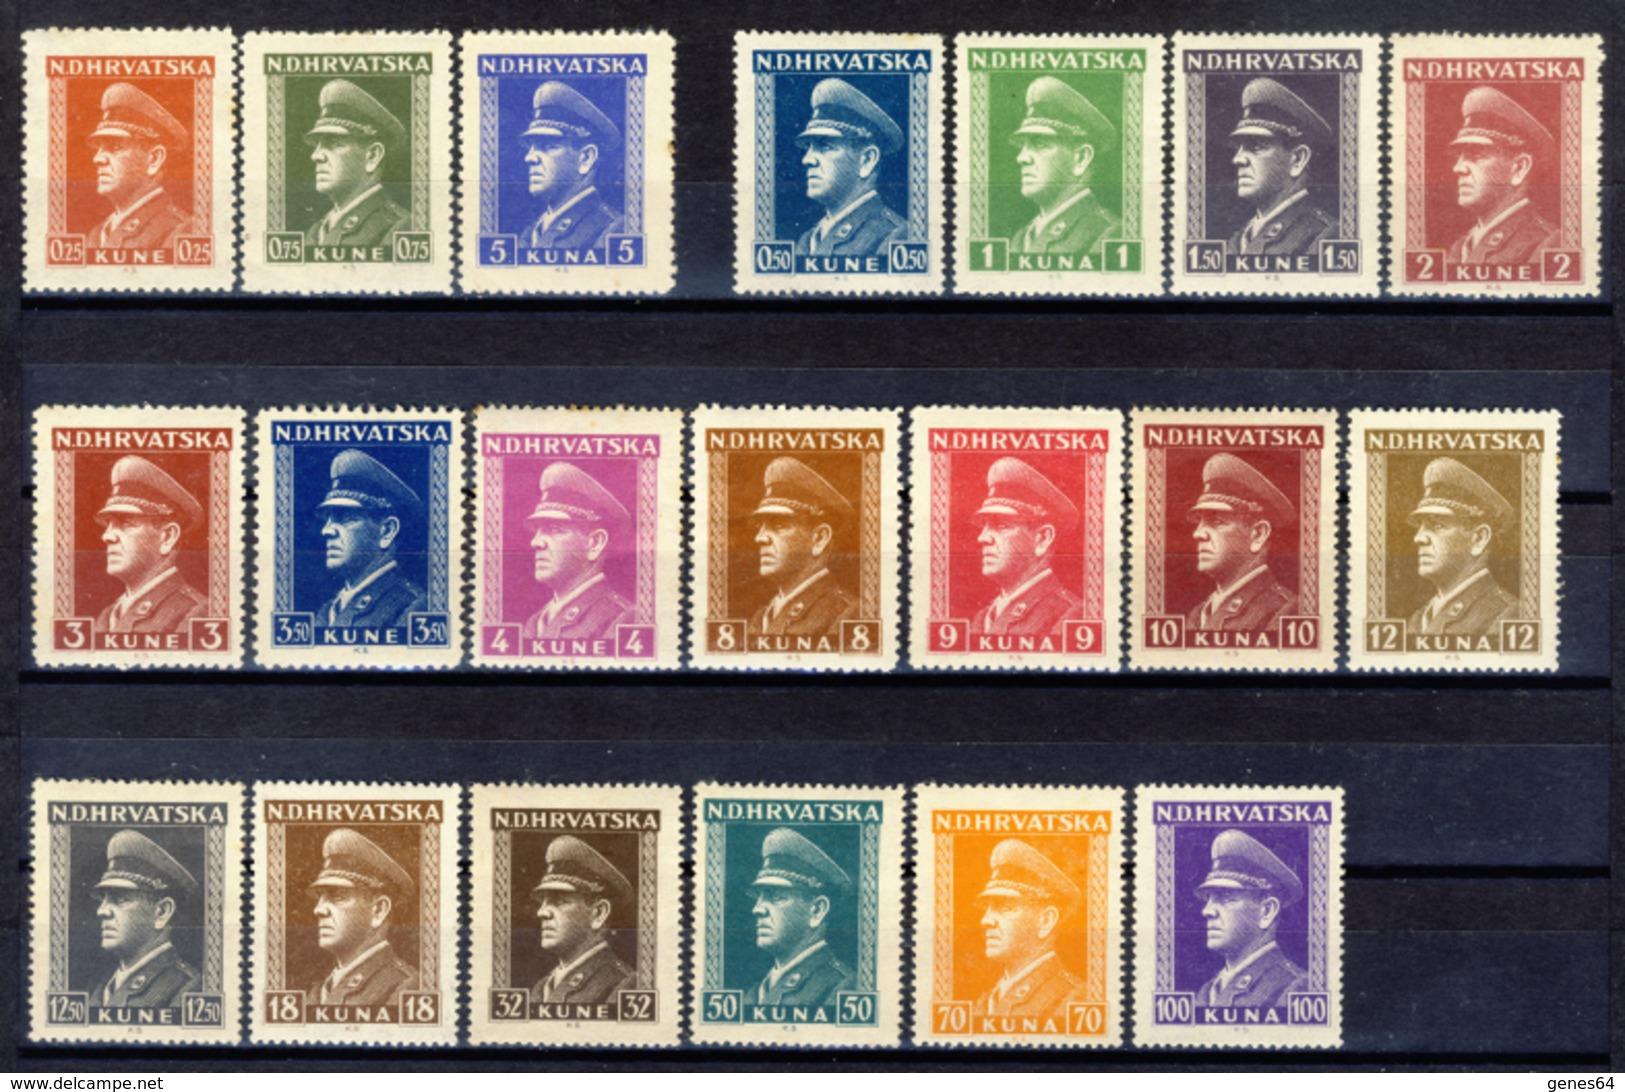 Lotto Misto Foglietti - Francobolli - Folder - Lettera (12 Immagini) - Briefmarken